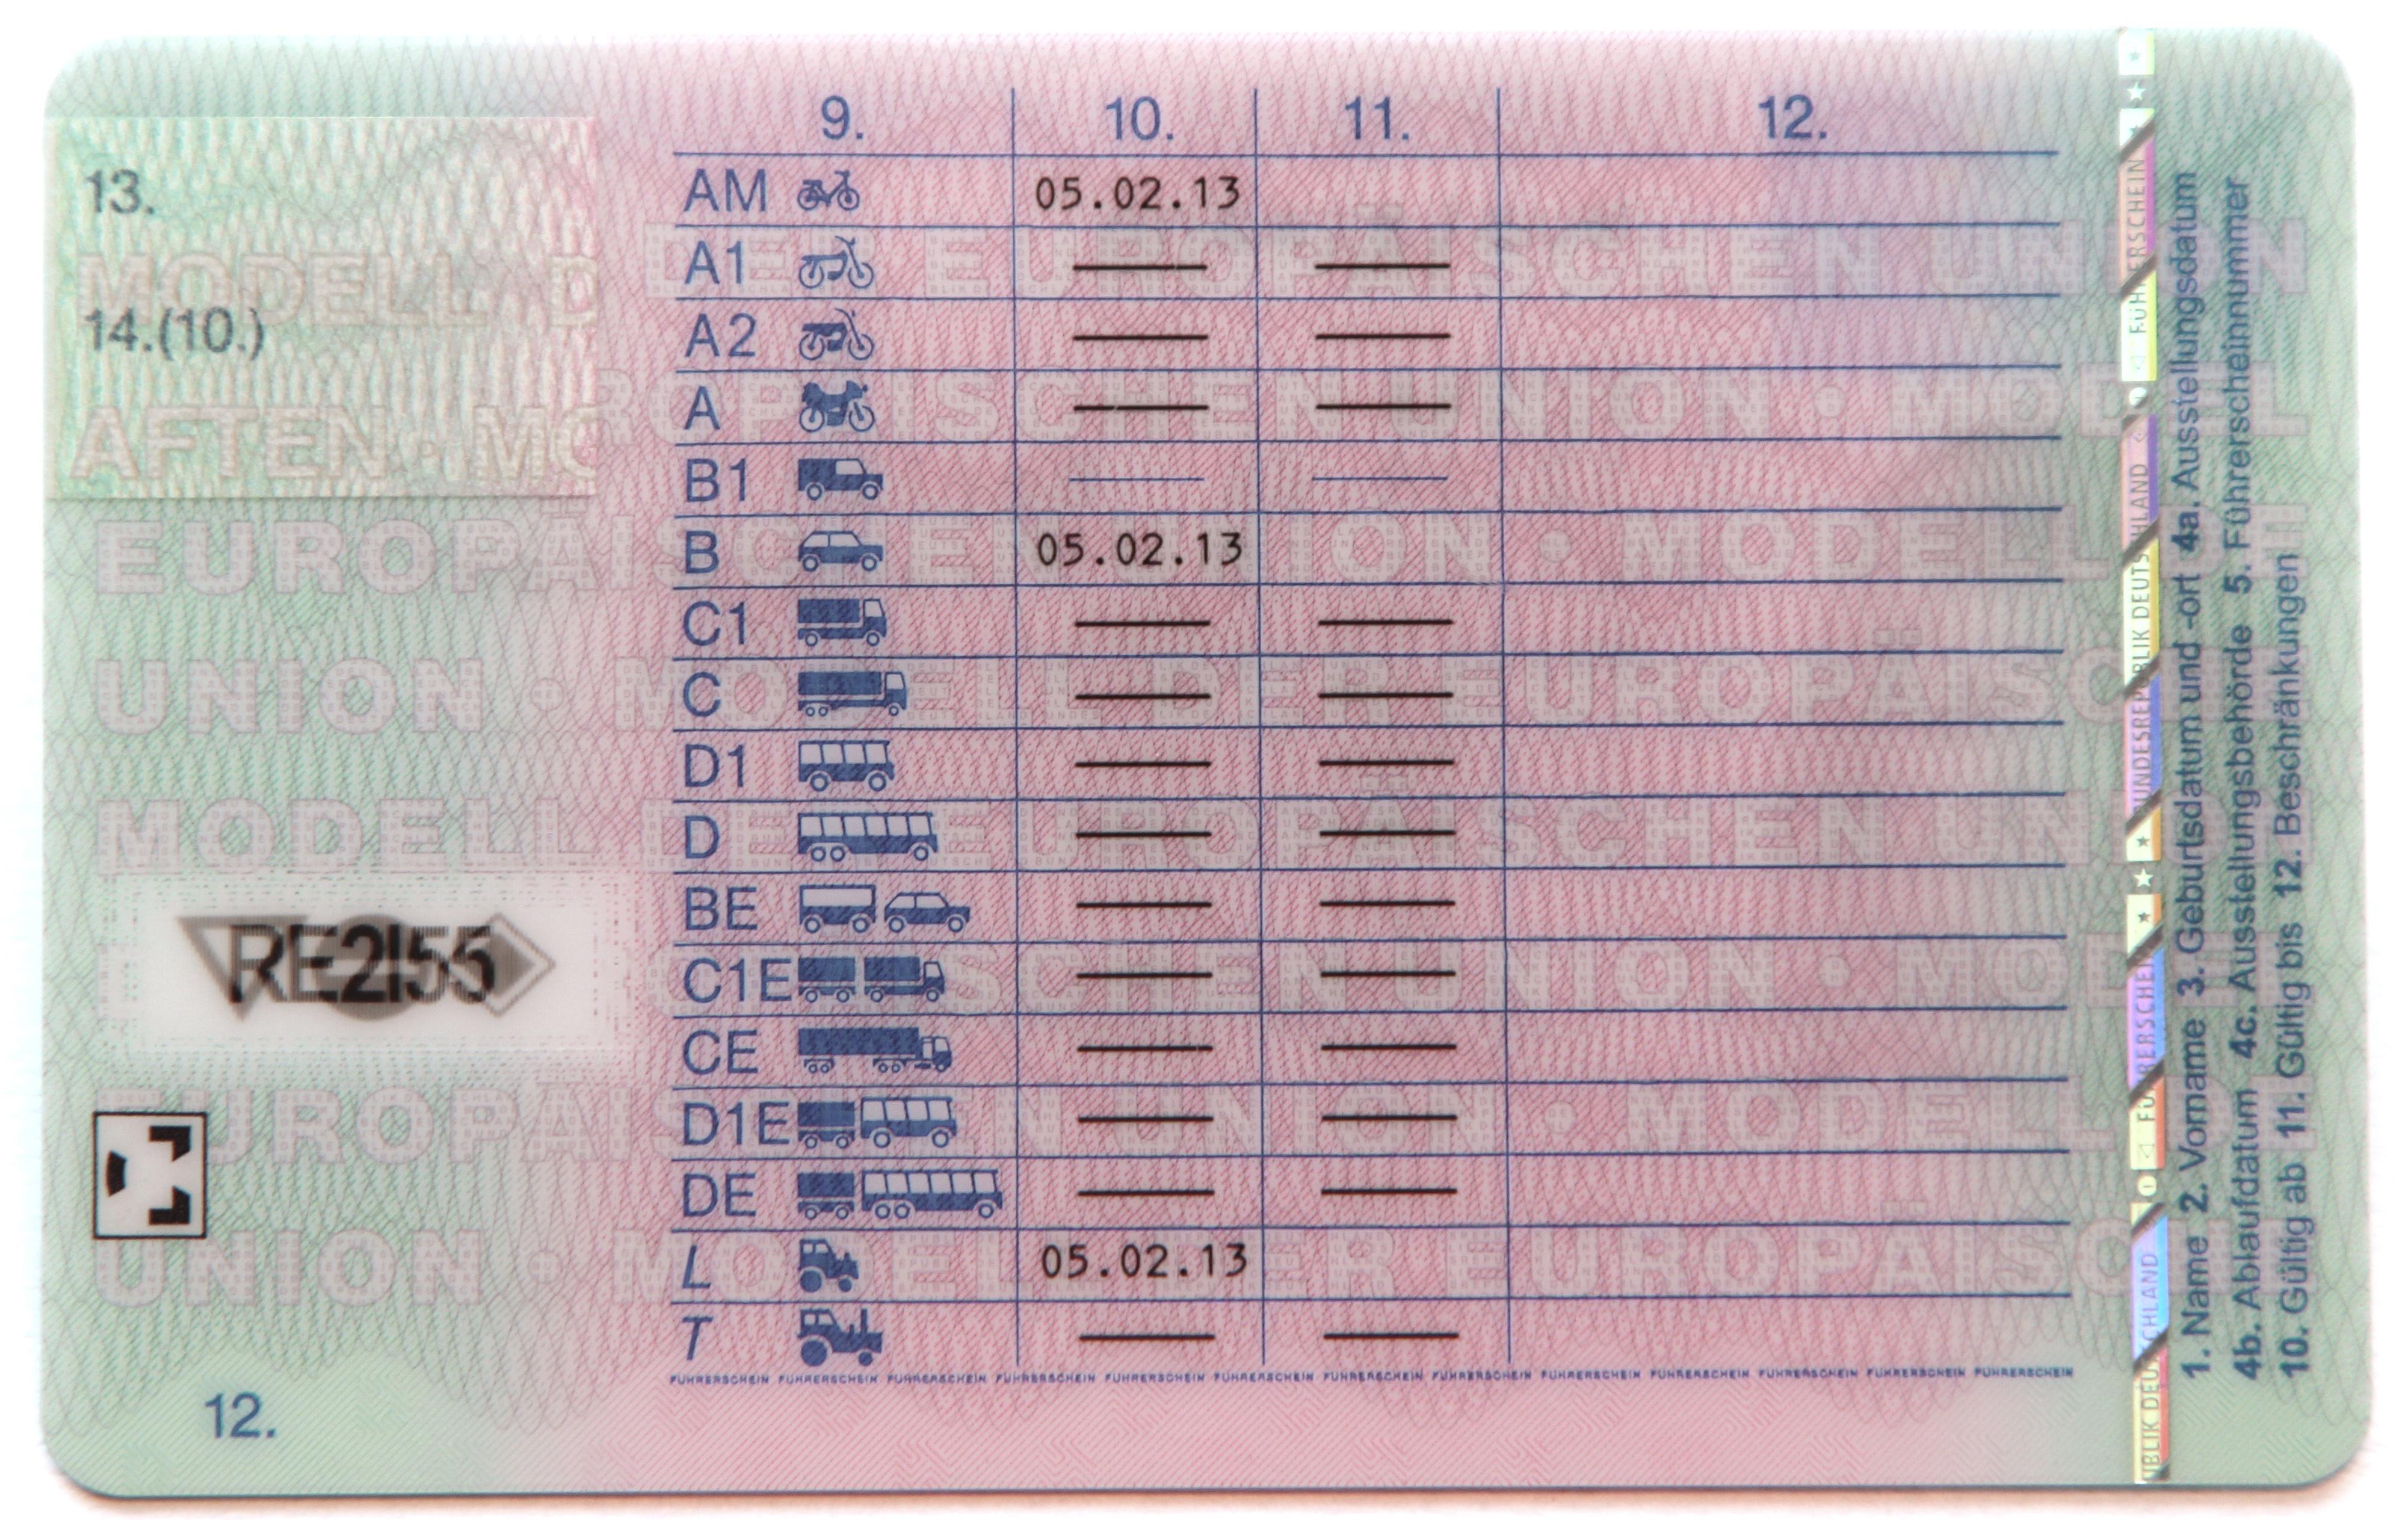 Schlüsselzahl 70: Umschreiben ausländischer in deutsche Führerscheine